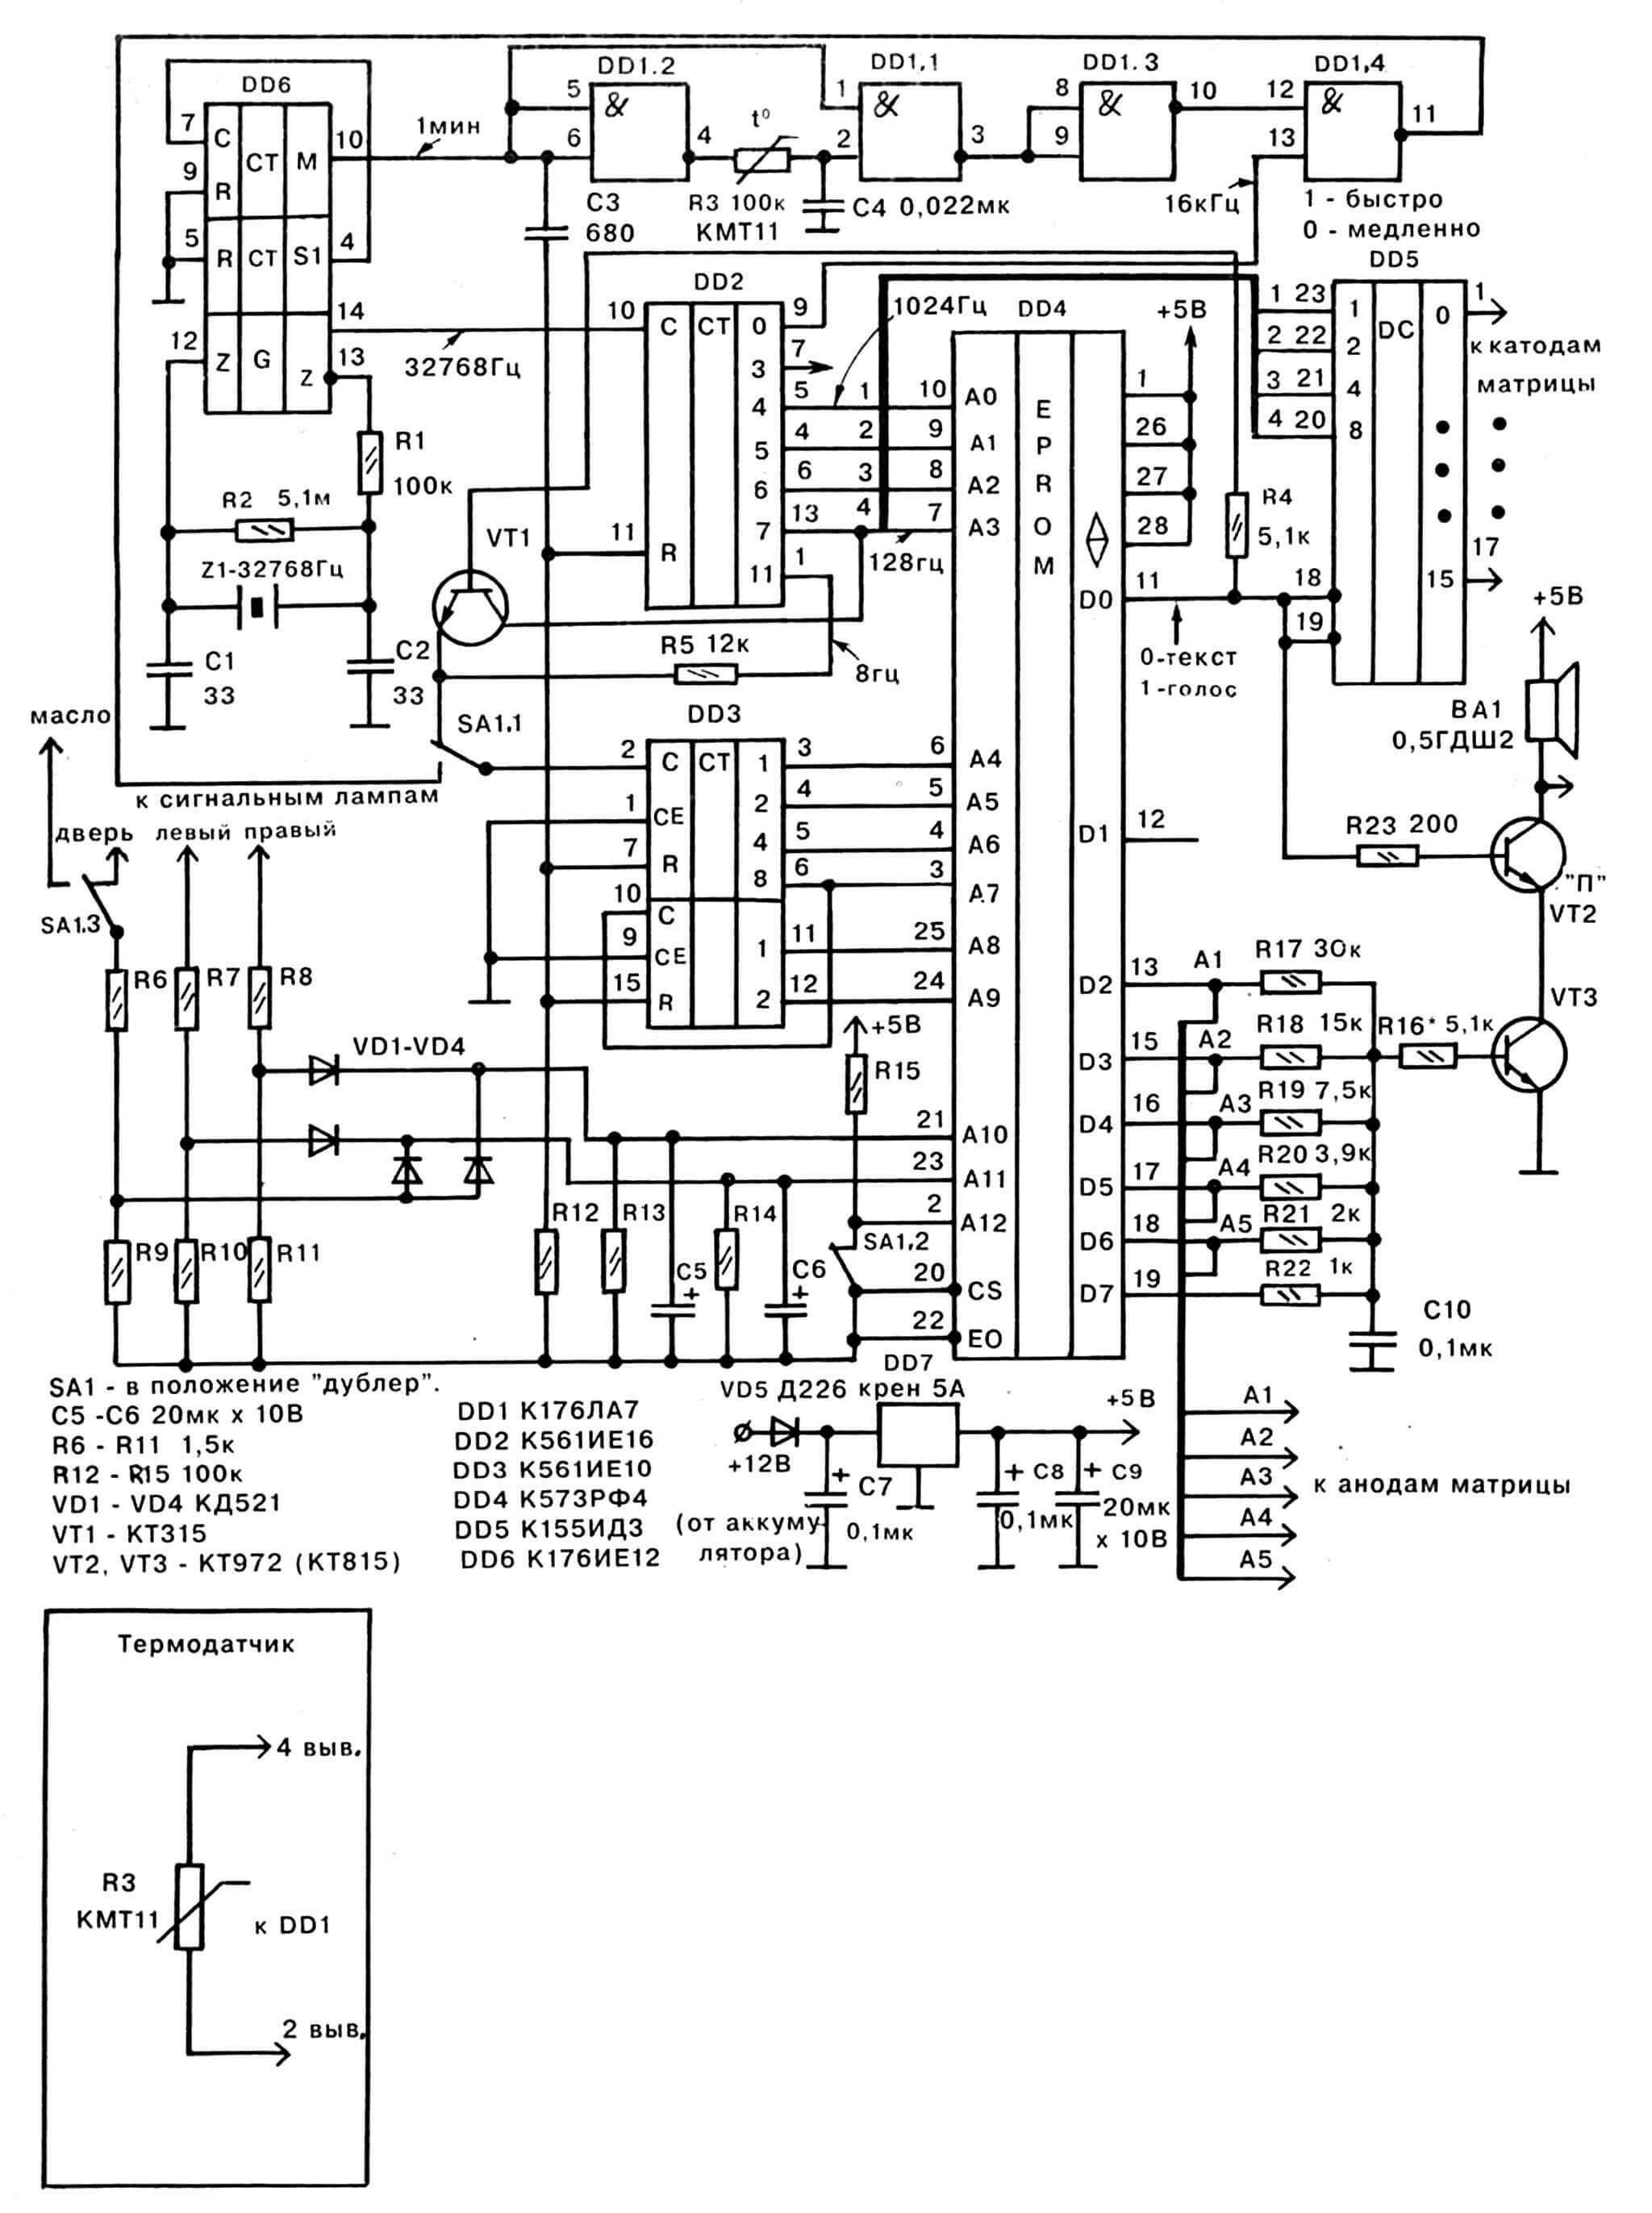 Принципиальная электрическая схема изготовленного микротабло-термометра с голосовым подтверждением информации.